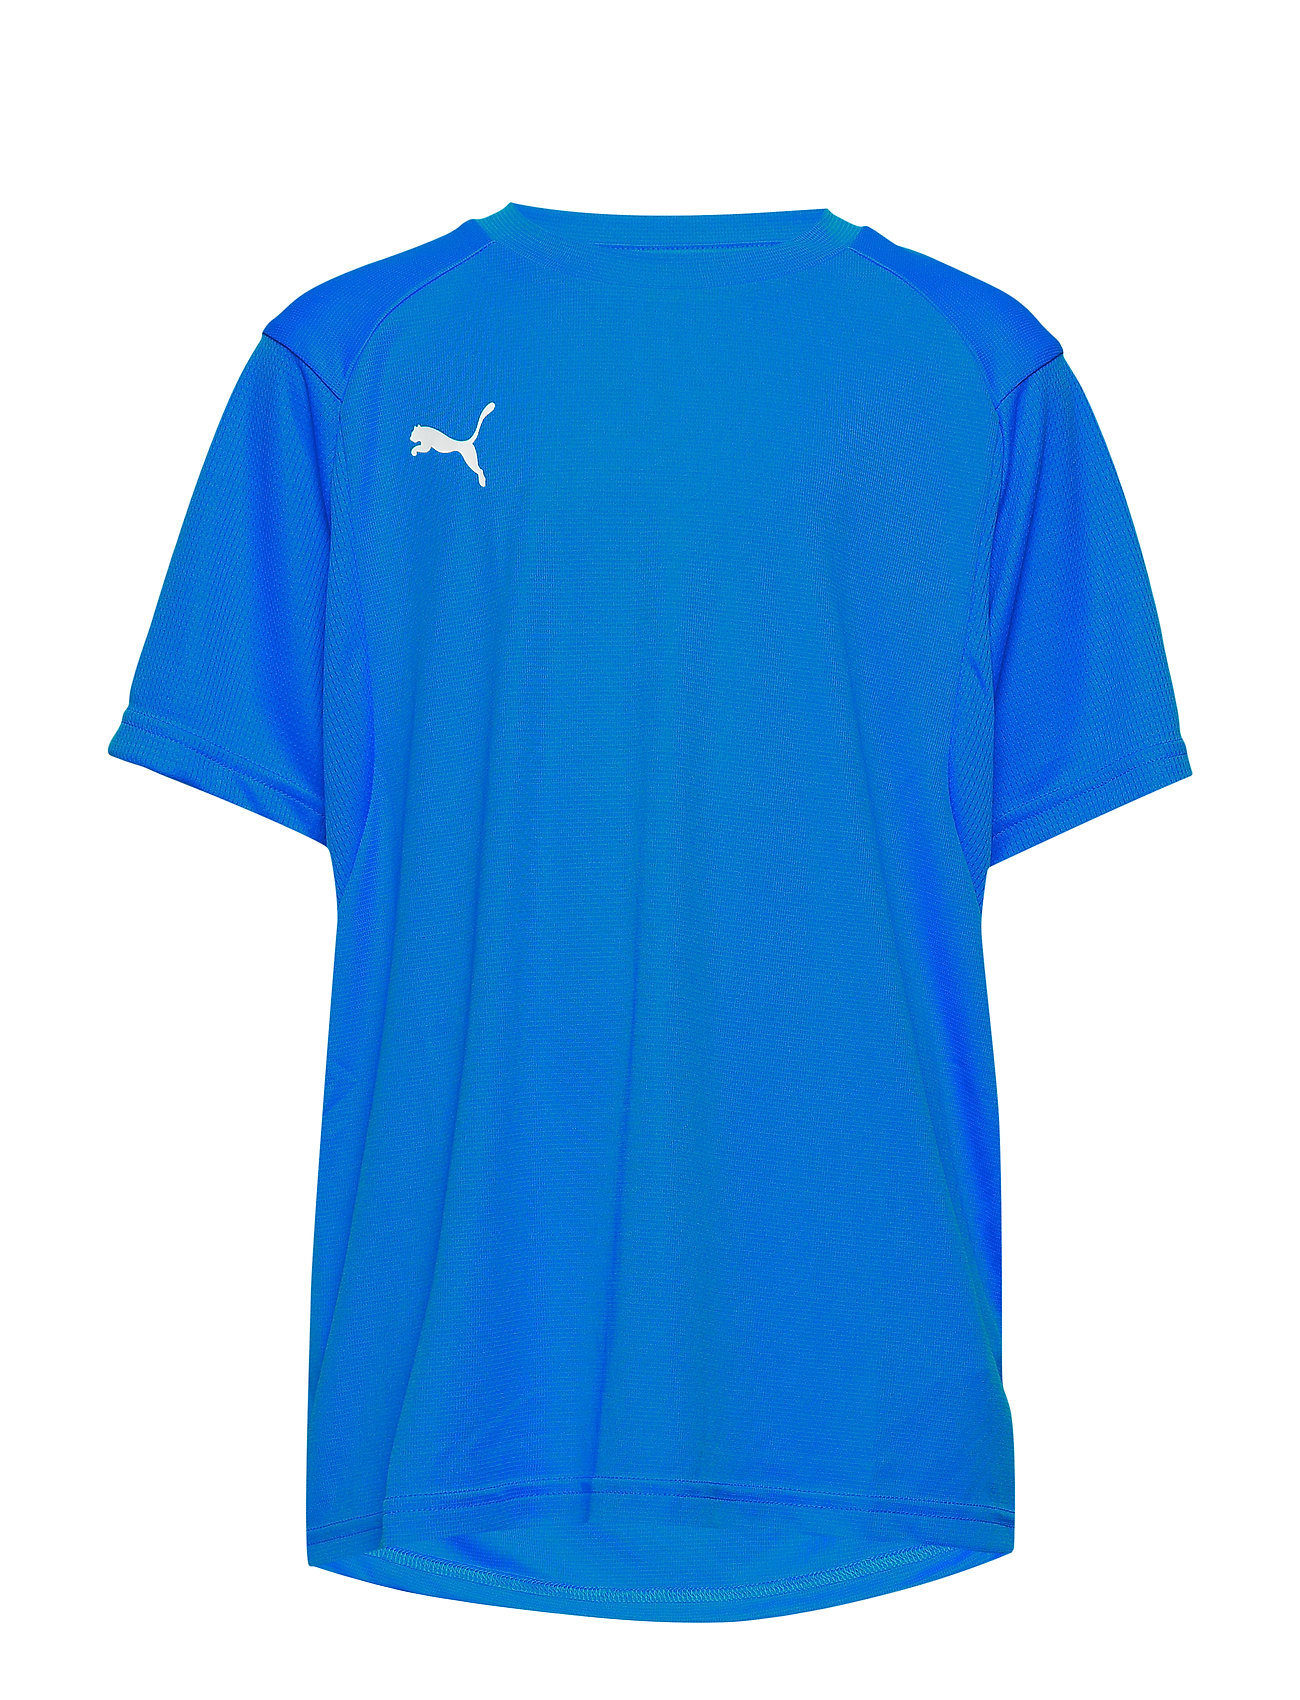 PUMA LIGA Training Jersey Jr - ELECTRIC BLUE LEMONADE-PUMA WHITE